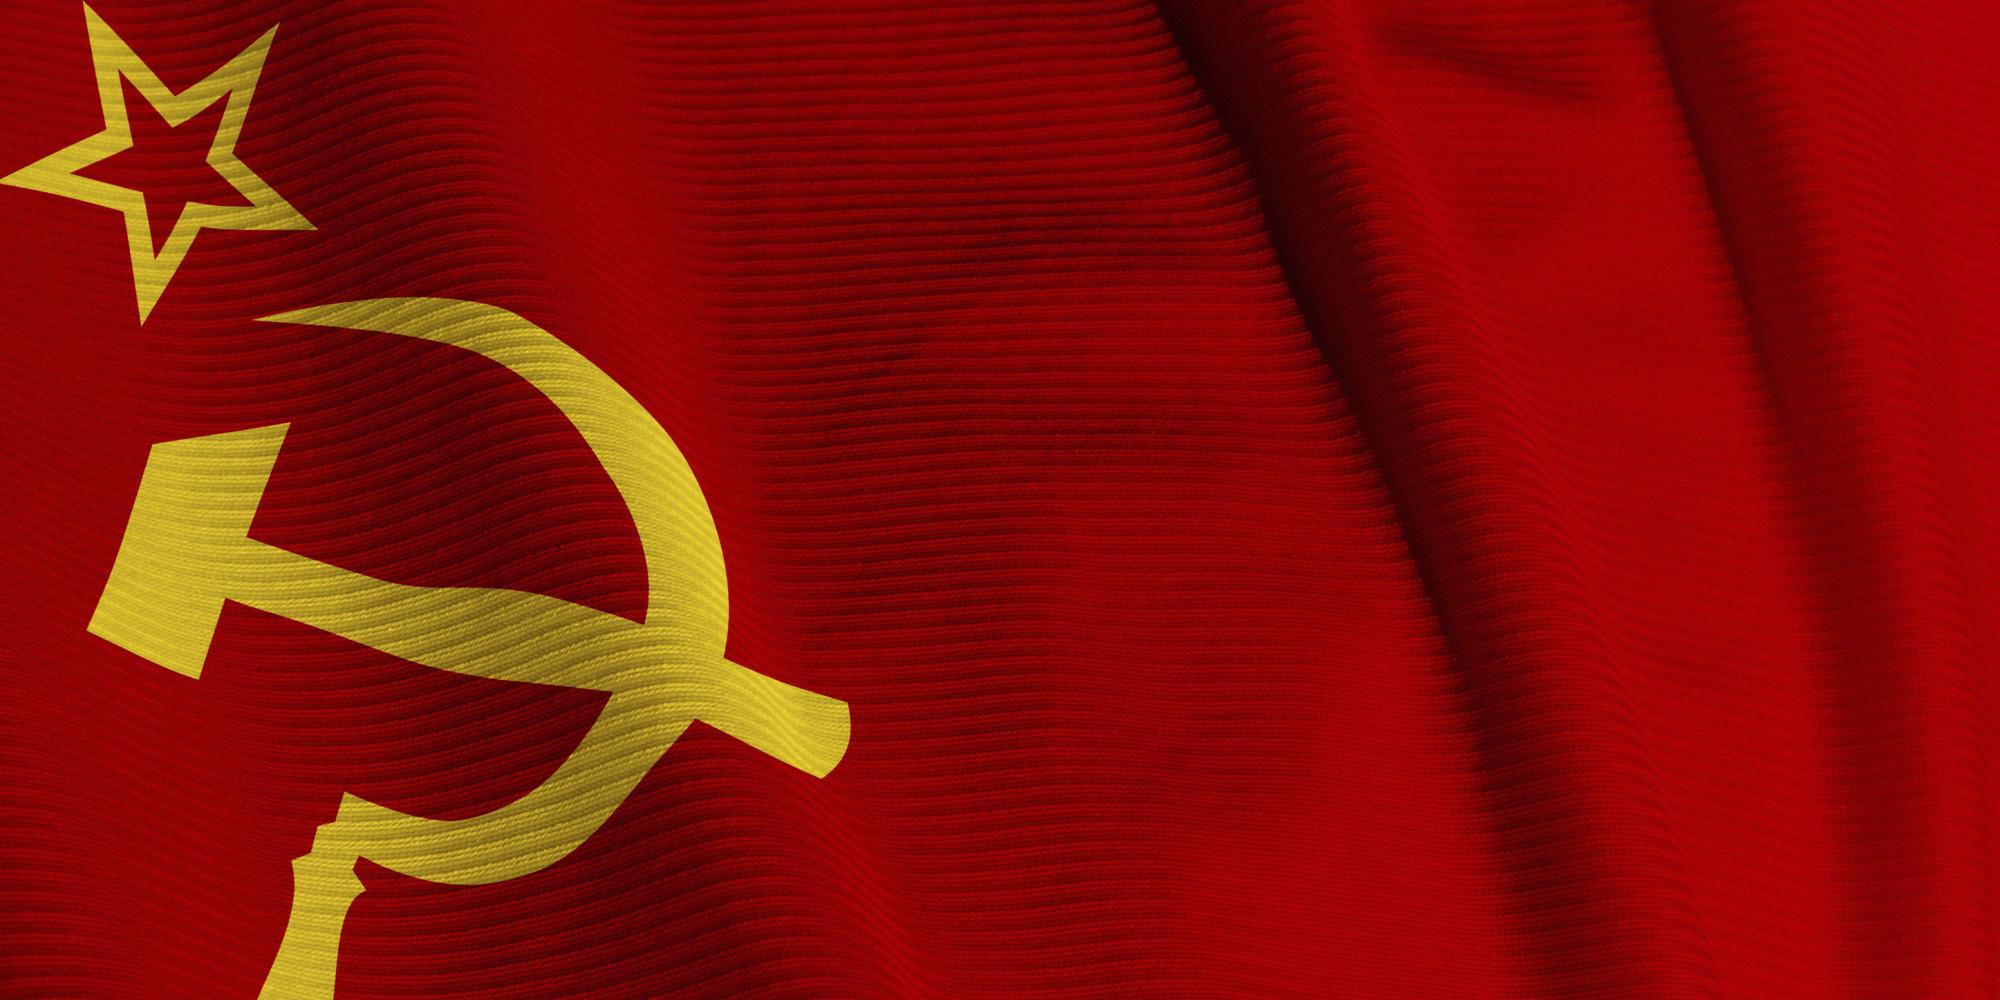 Spain Wallpaper Iphone Iv 225 N De La Nuez Autor De El Comunista Manifiesto Quot O